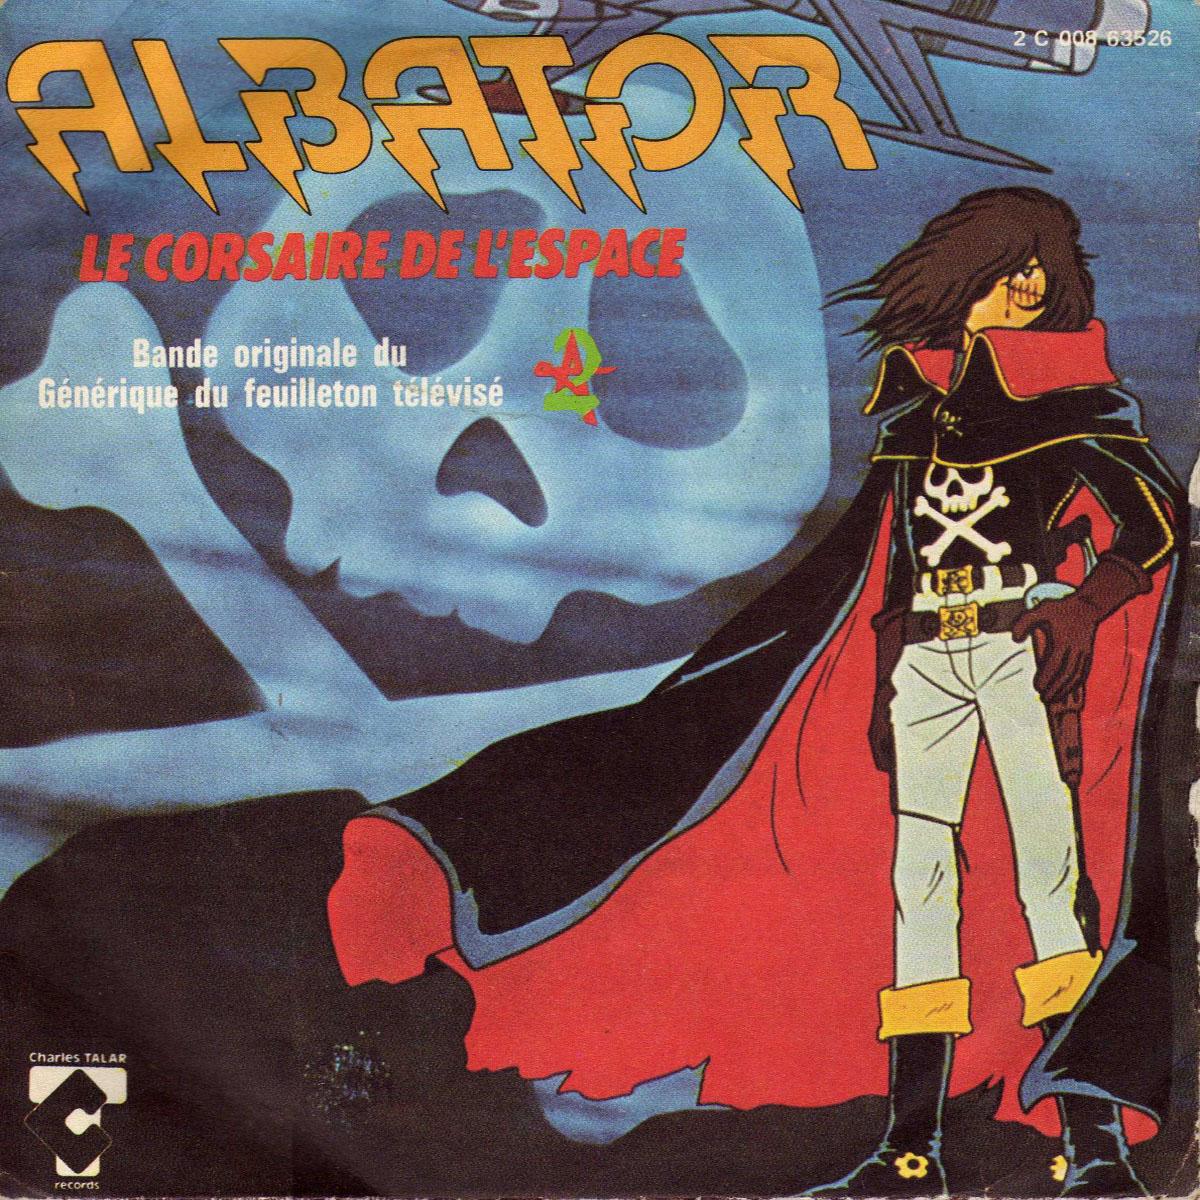 Disque 45trs - Albator Le corsaire de l'espace